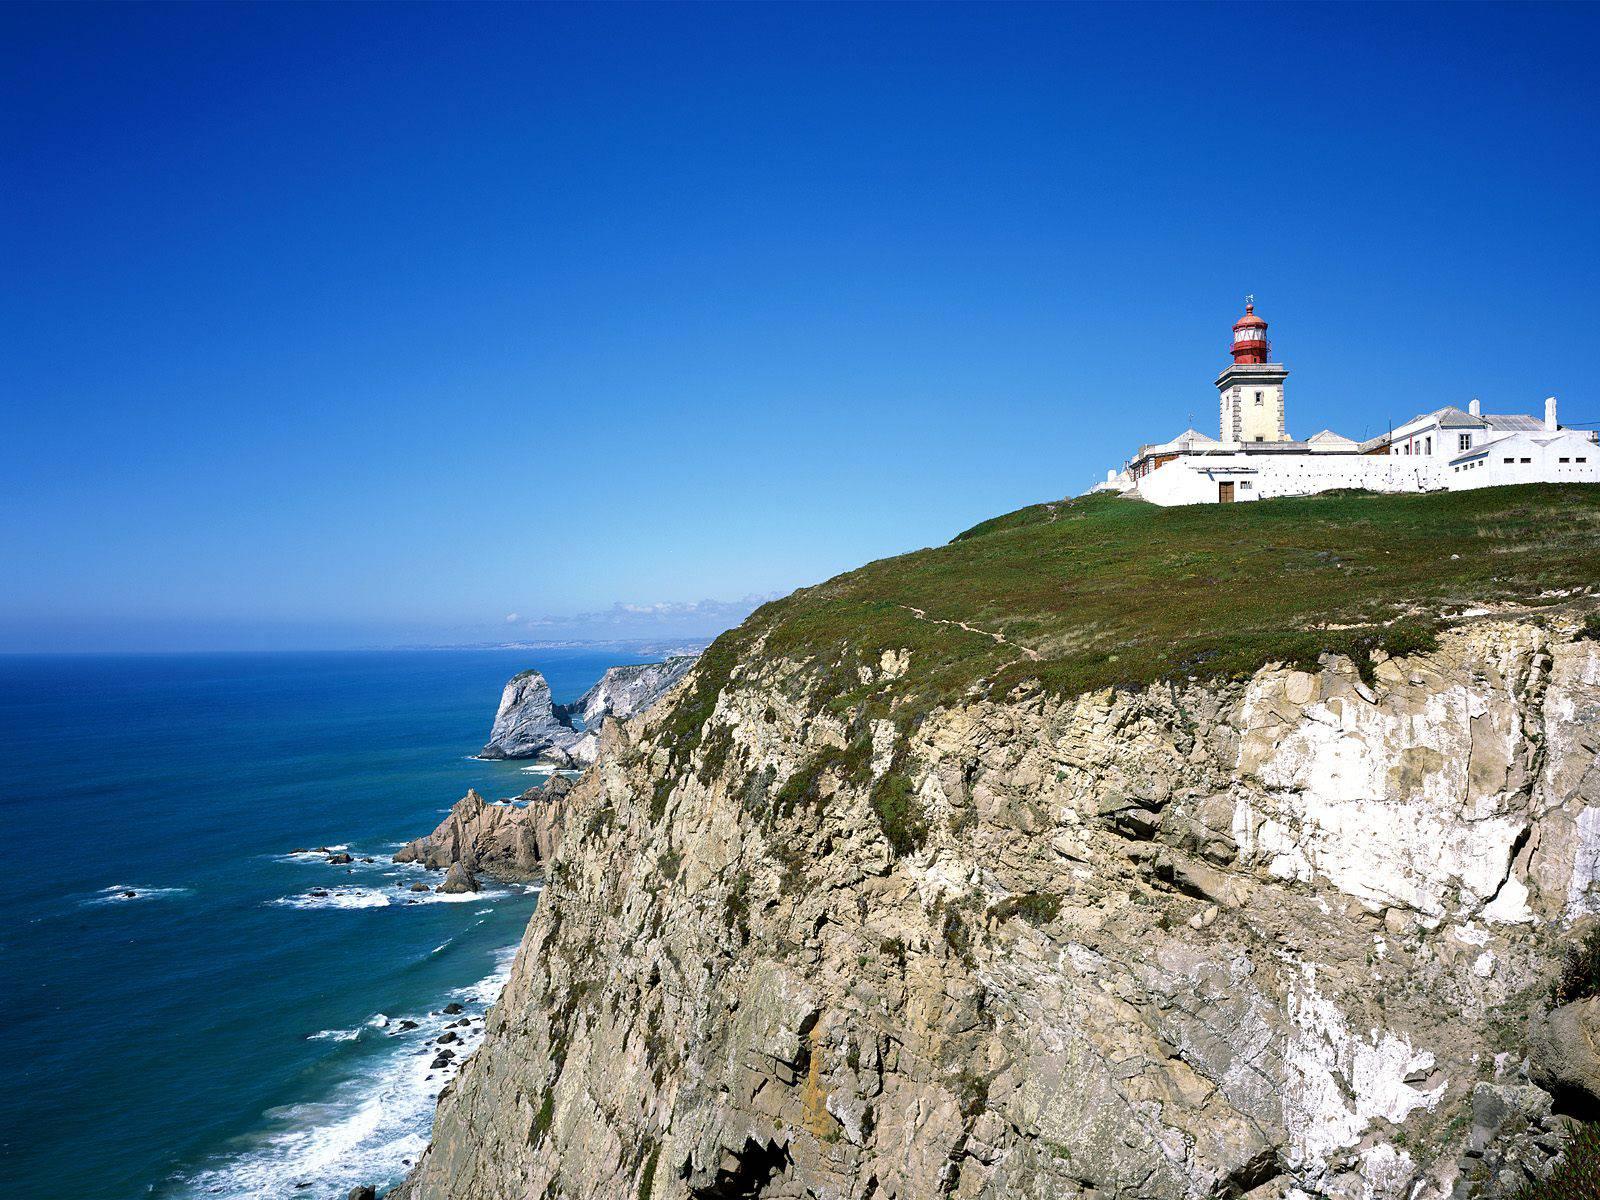 Portogallo cabo da roca dove finisce la terra foto for Dove soggiornare a lisbona